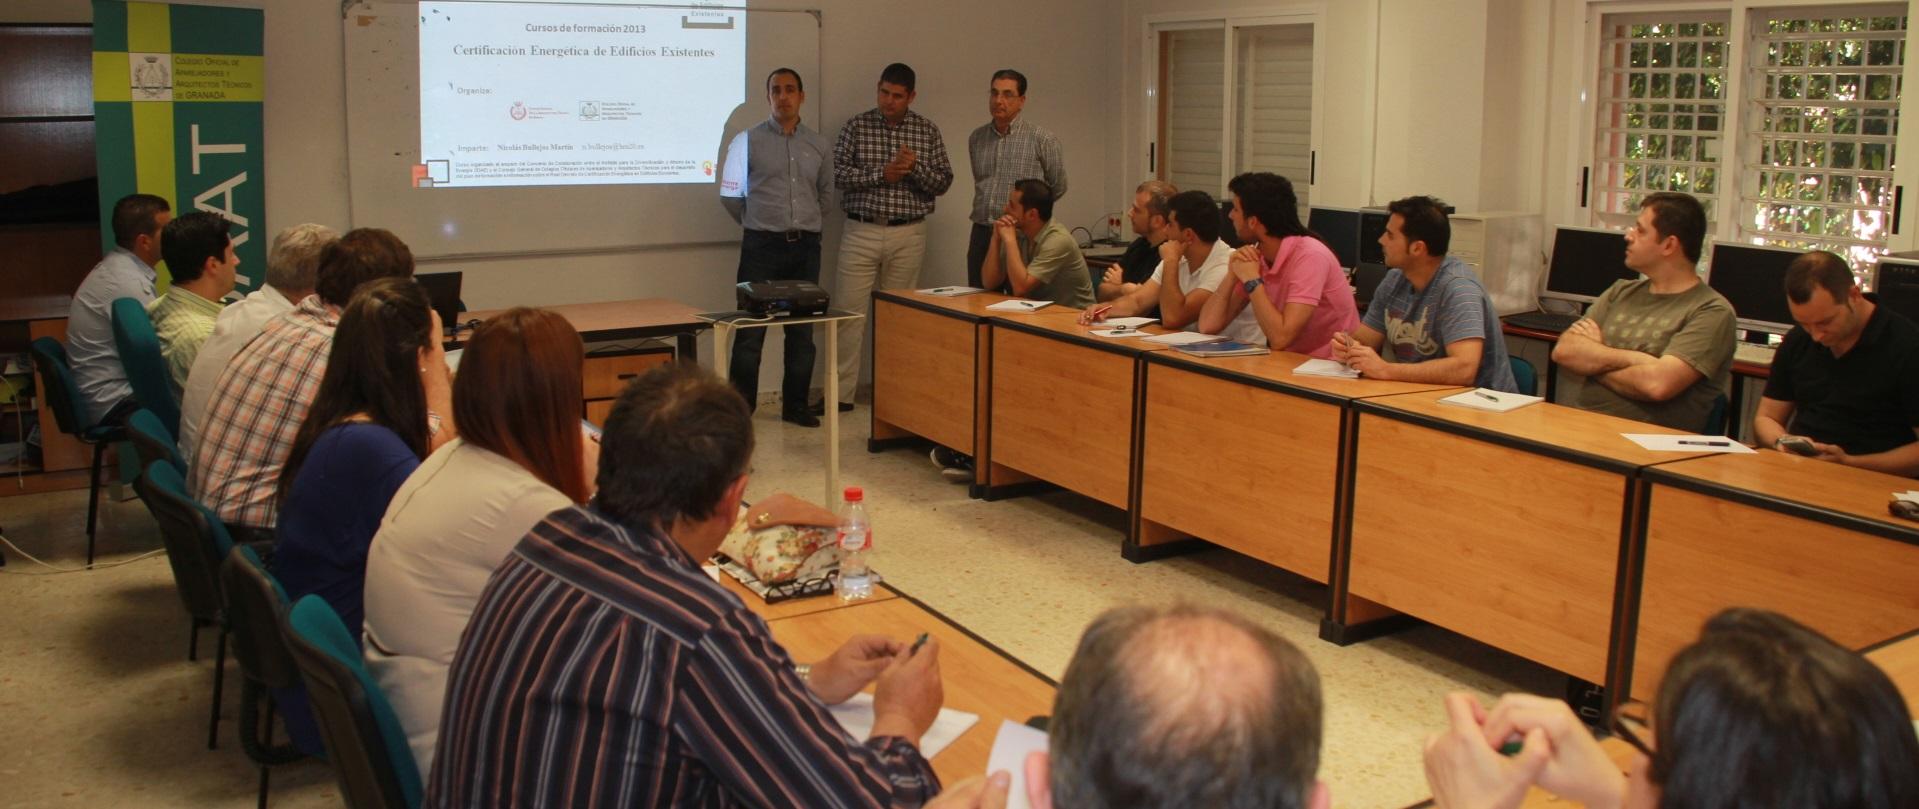 El Colegio Oficial de Aparejadores y Arquitectos Técnicos de Granada celebra en Almuñécar un curso sobre Certificación Energética de Edificios